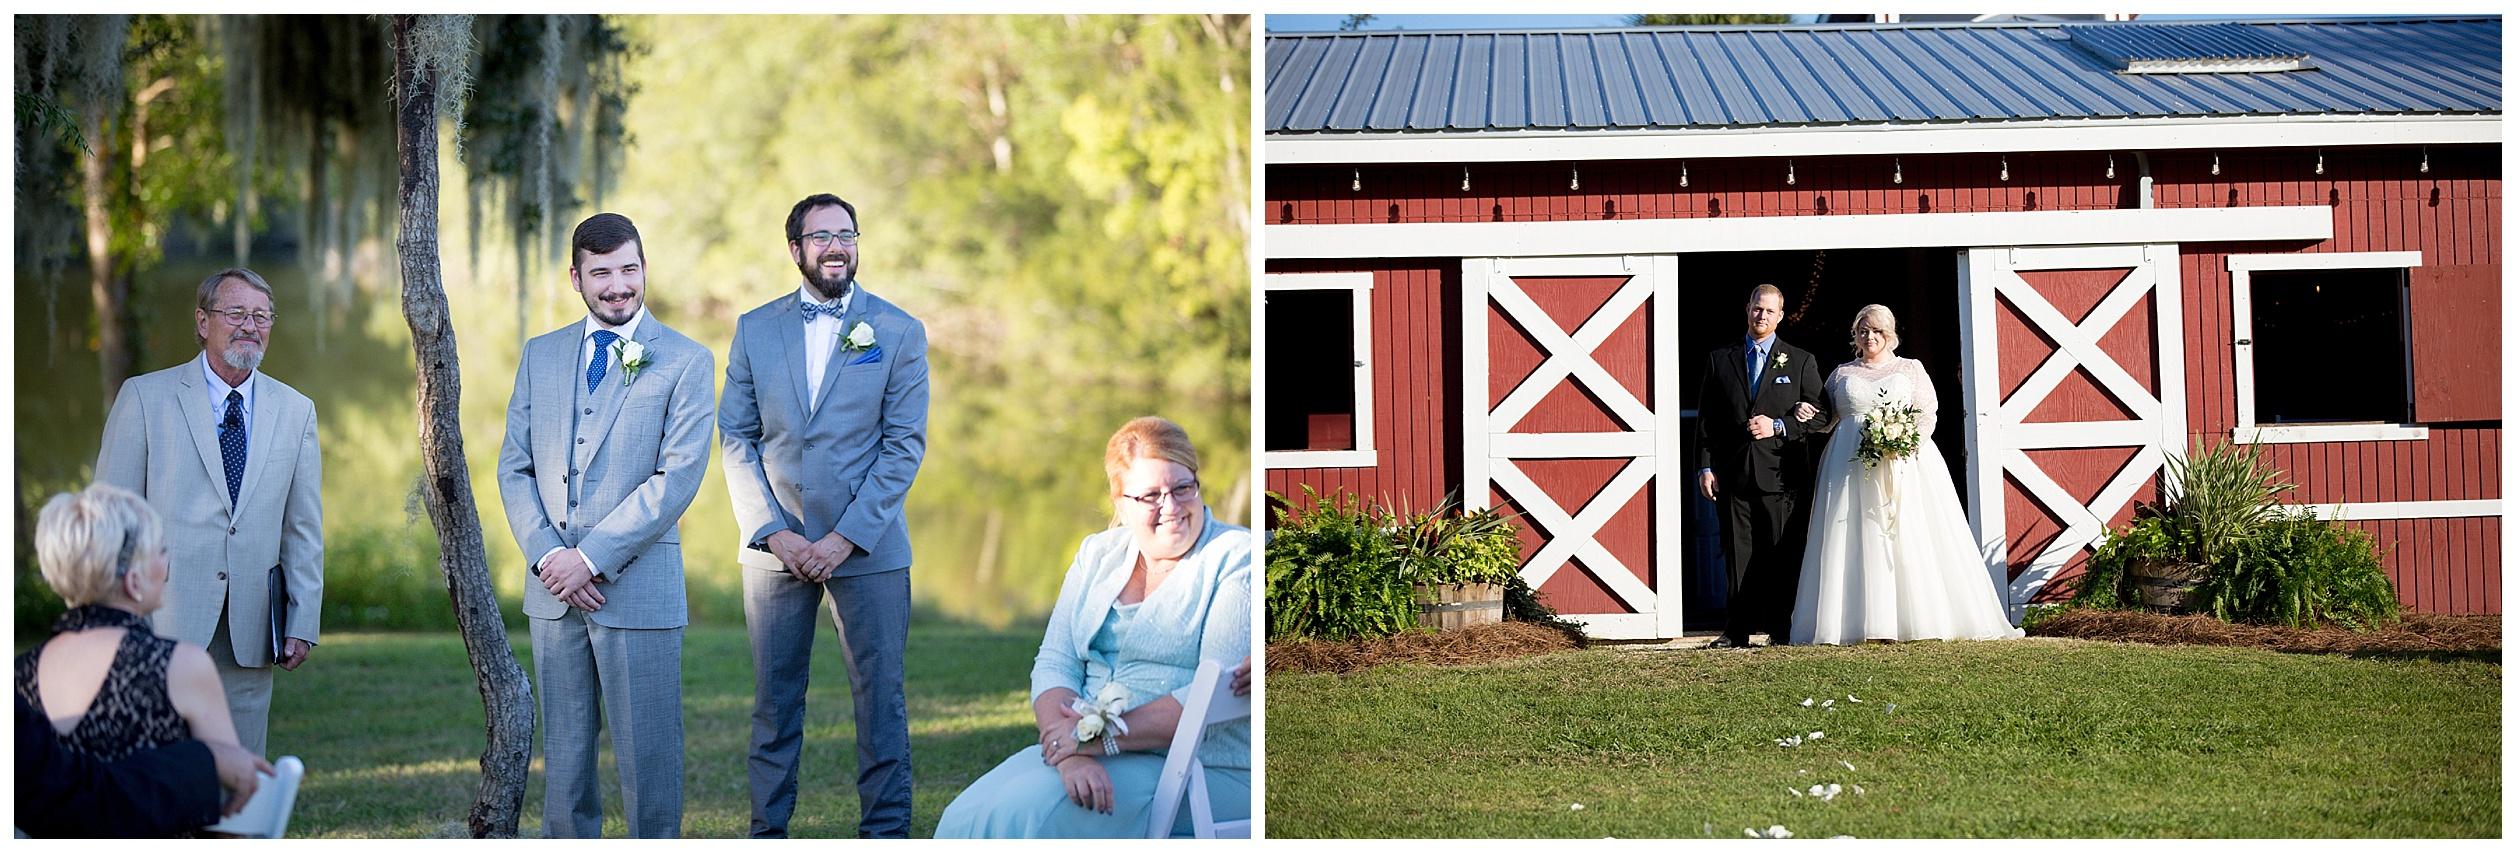 red gate farms wedding -marcy greg-17.jpg